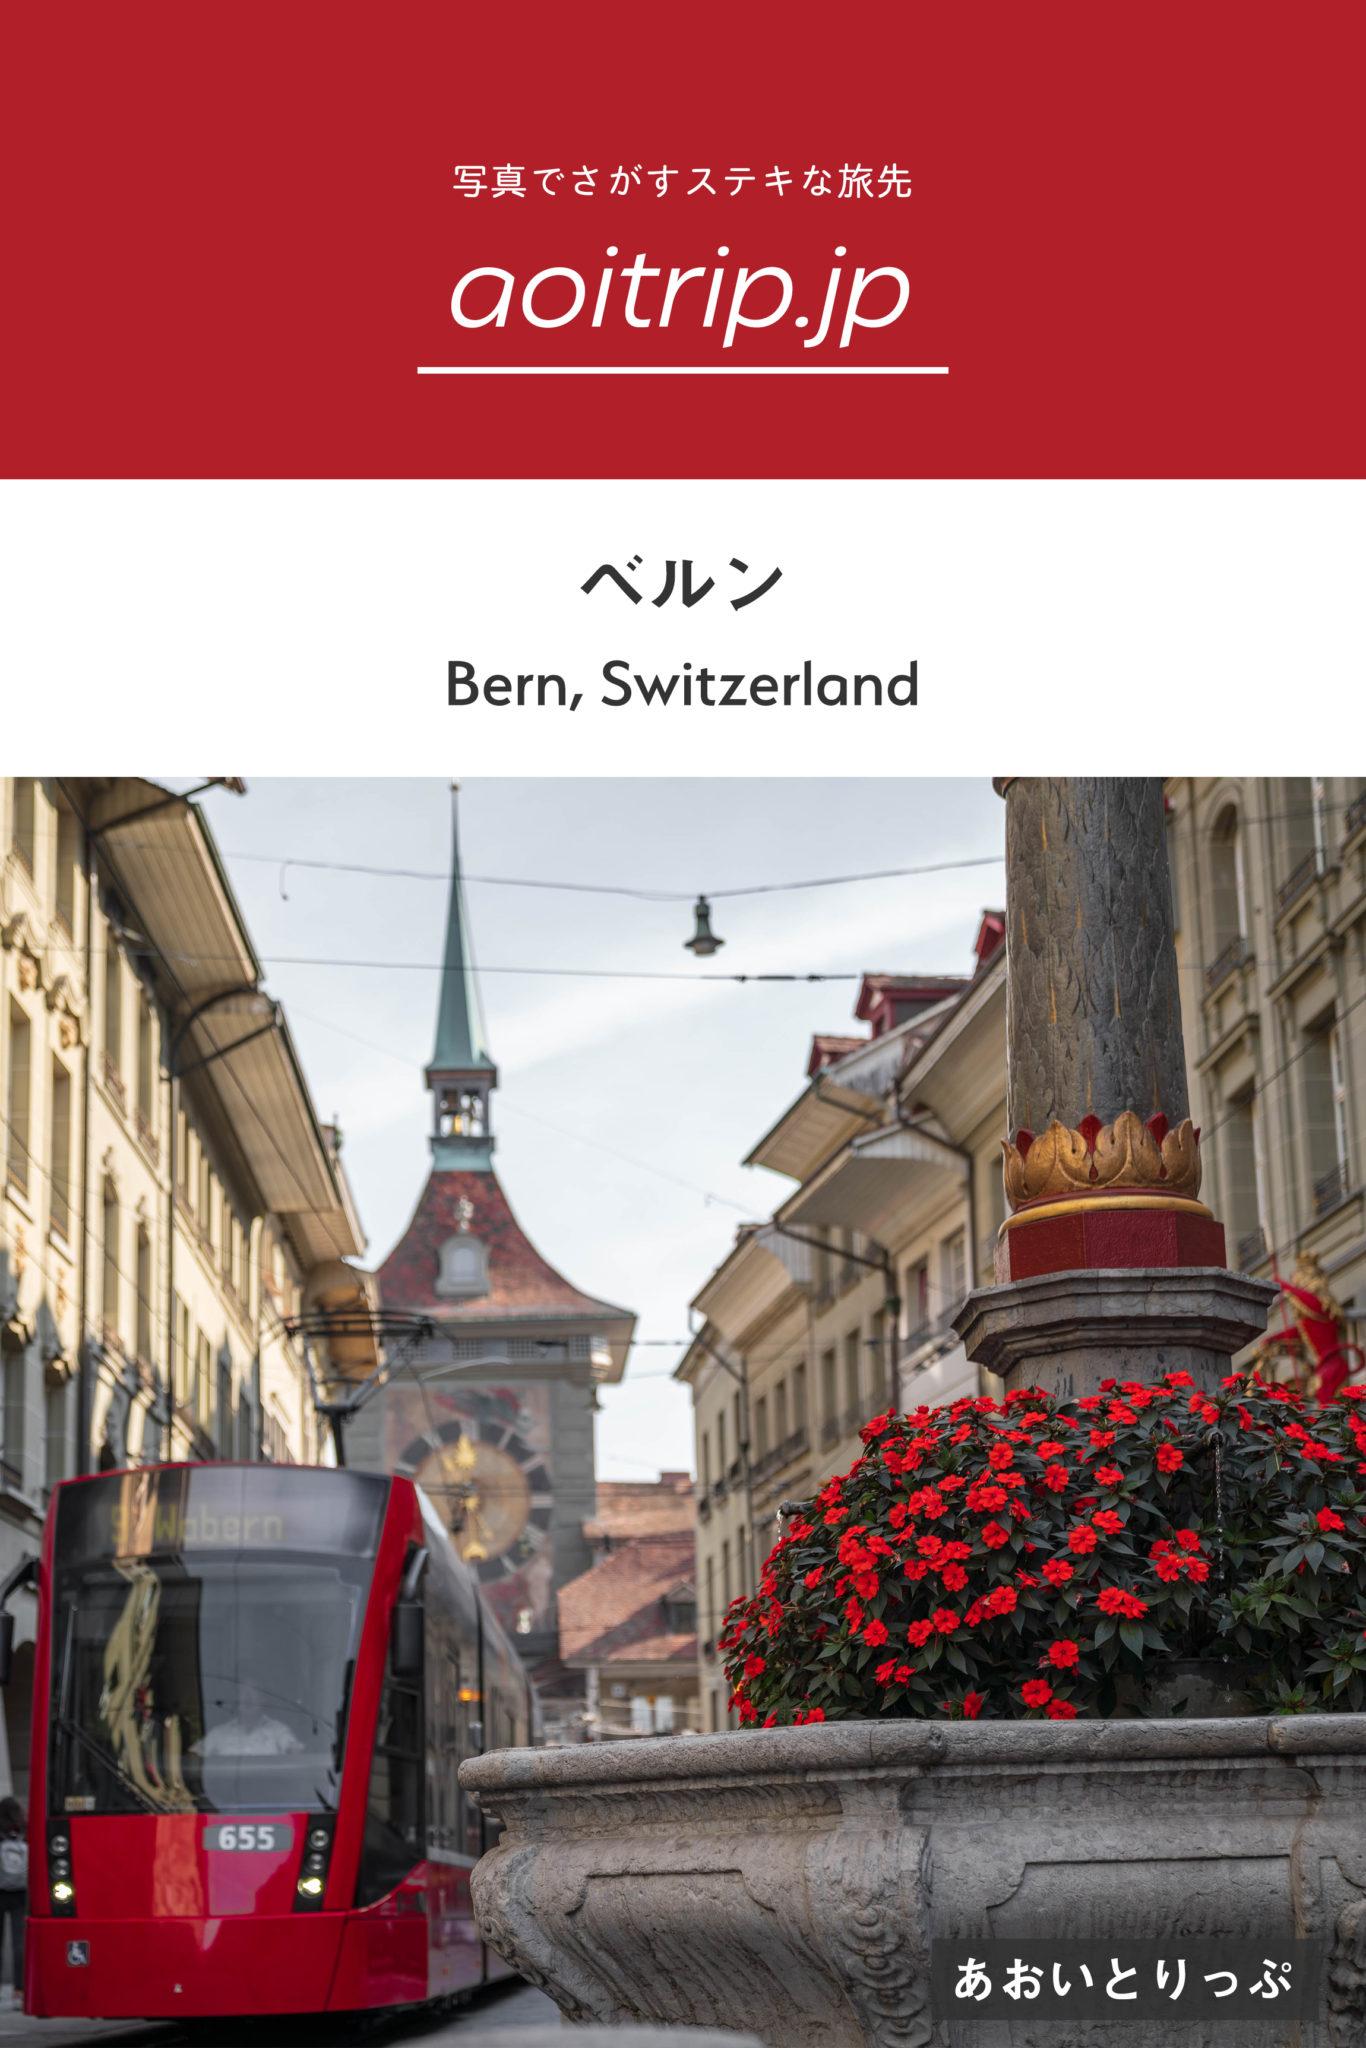 スイス・ベルン観光 Things To Do In Bern